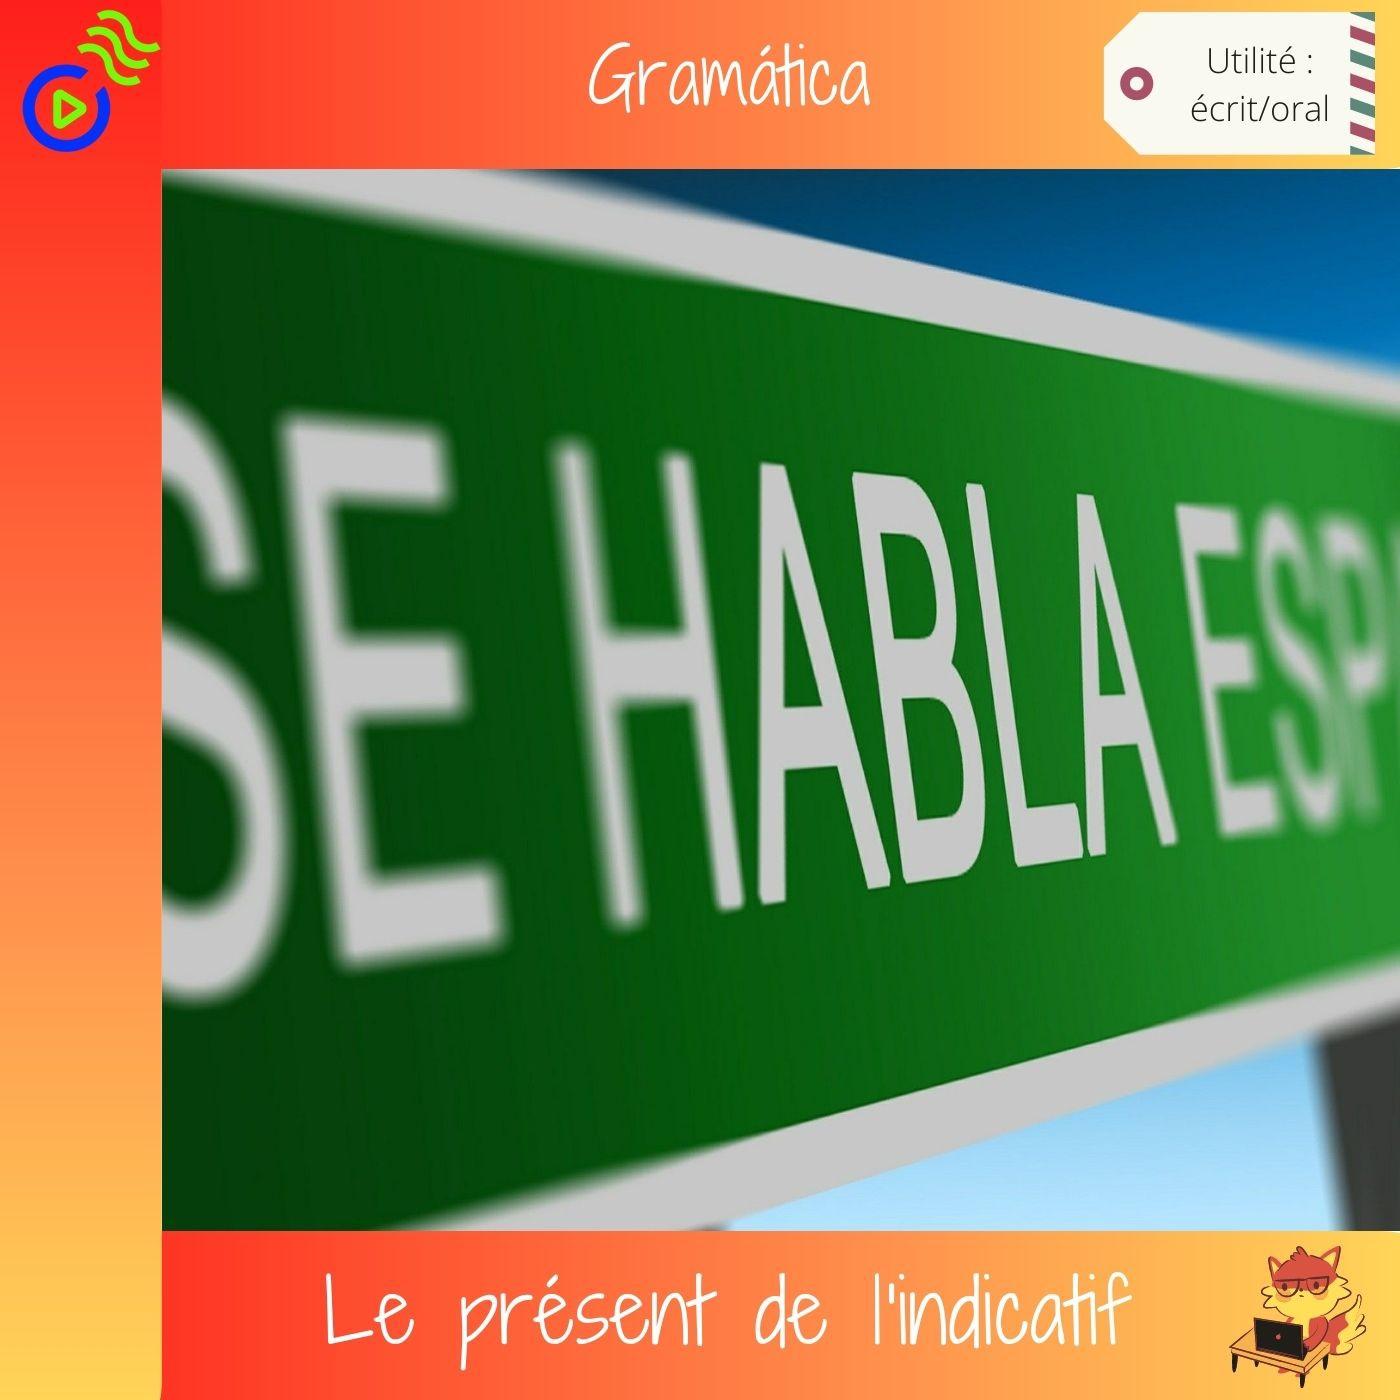 Le présent de l'indicatif en espagnol.